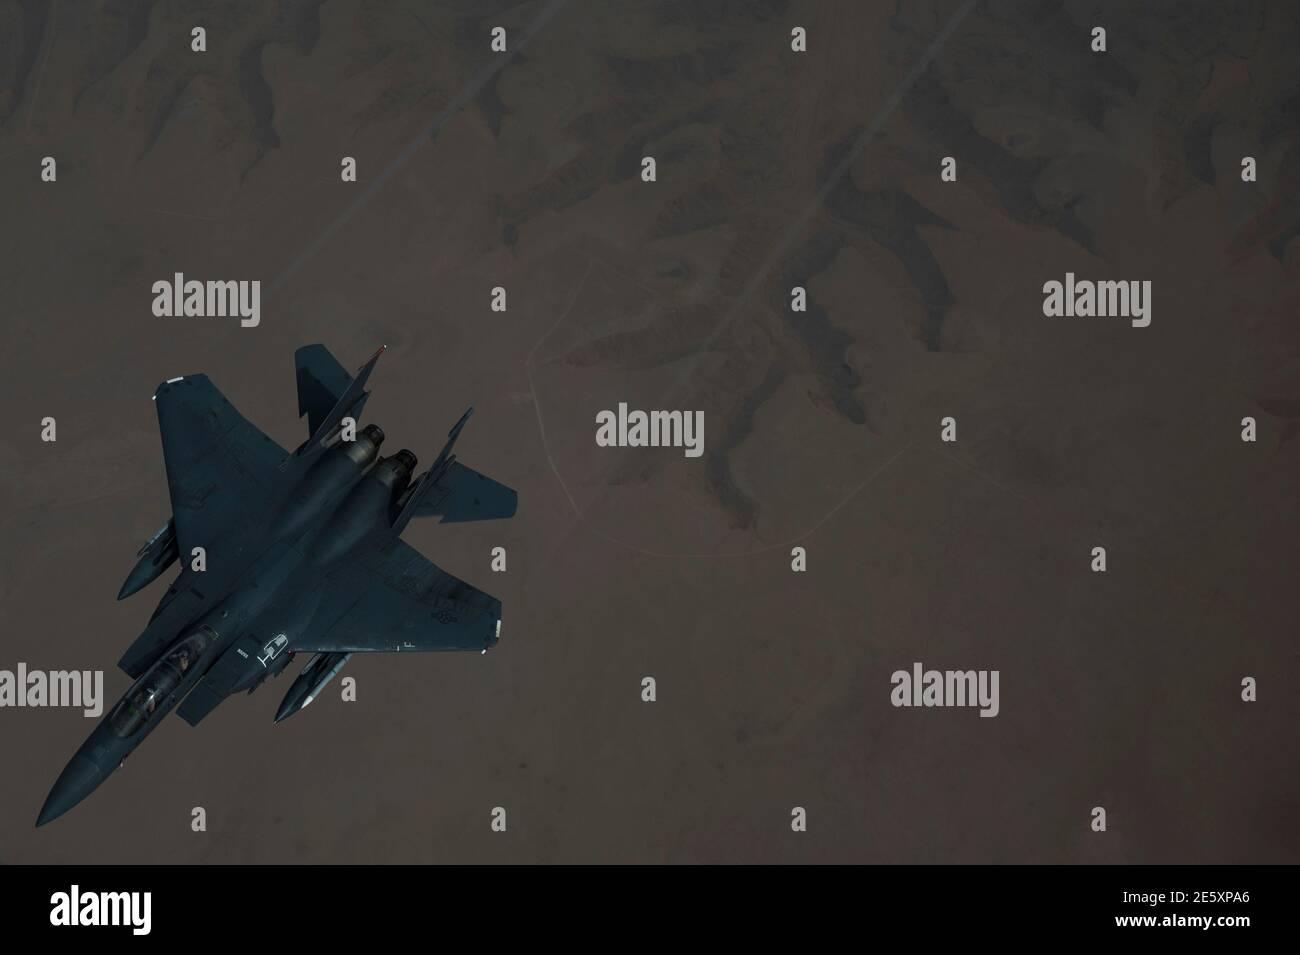 Golfe persique, Arabie Saoudite. 27 janvier 2021. Un avion de chasse F-15E Strike Eagle de la US Air Force se brise après avoir fait le plein d'un KC-135 Stratotanker au cours d'un déploiement de courte durée au milieu de l'est le 27 janvier 202 au-dessus du golfe Persique. Le combattant escorte les bombardiers stratégiques B-52 StratoFortress de la 2e Escadre Bomb. Credit: Planetpix/Alamy Live News Banque D'Images